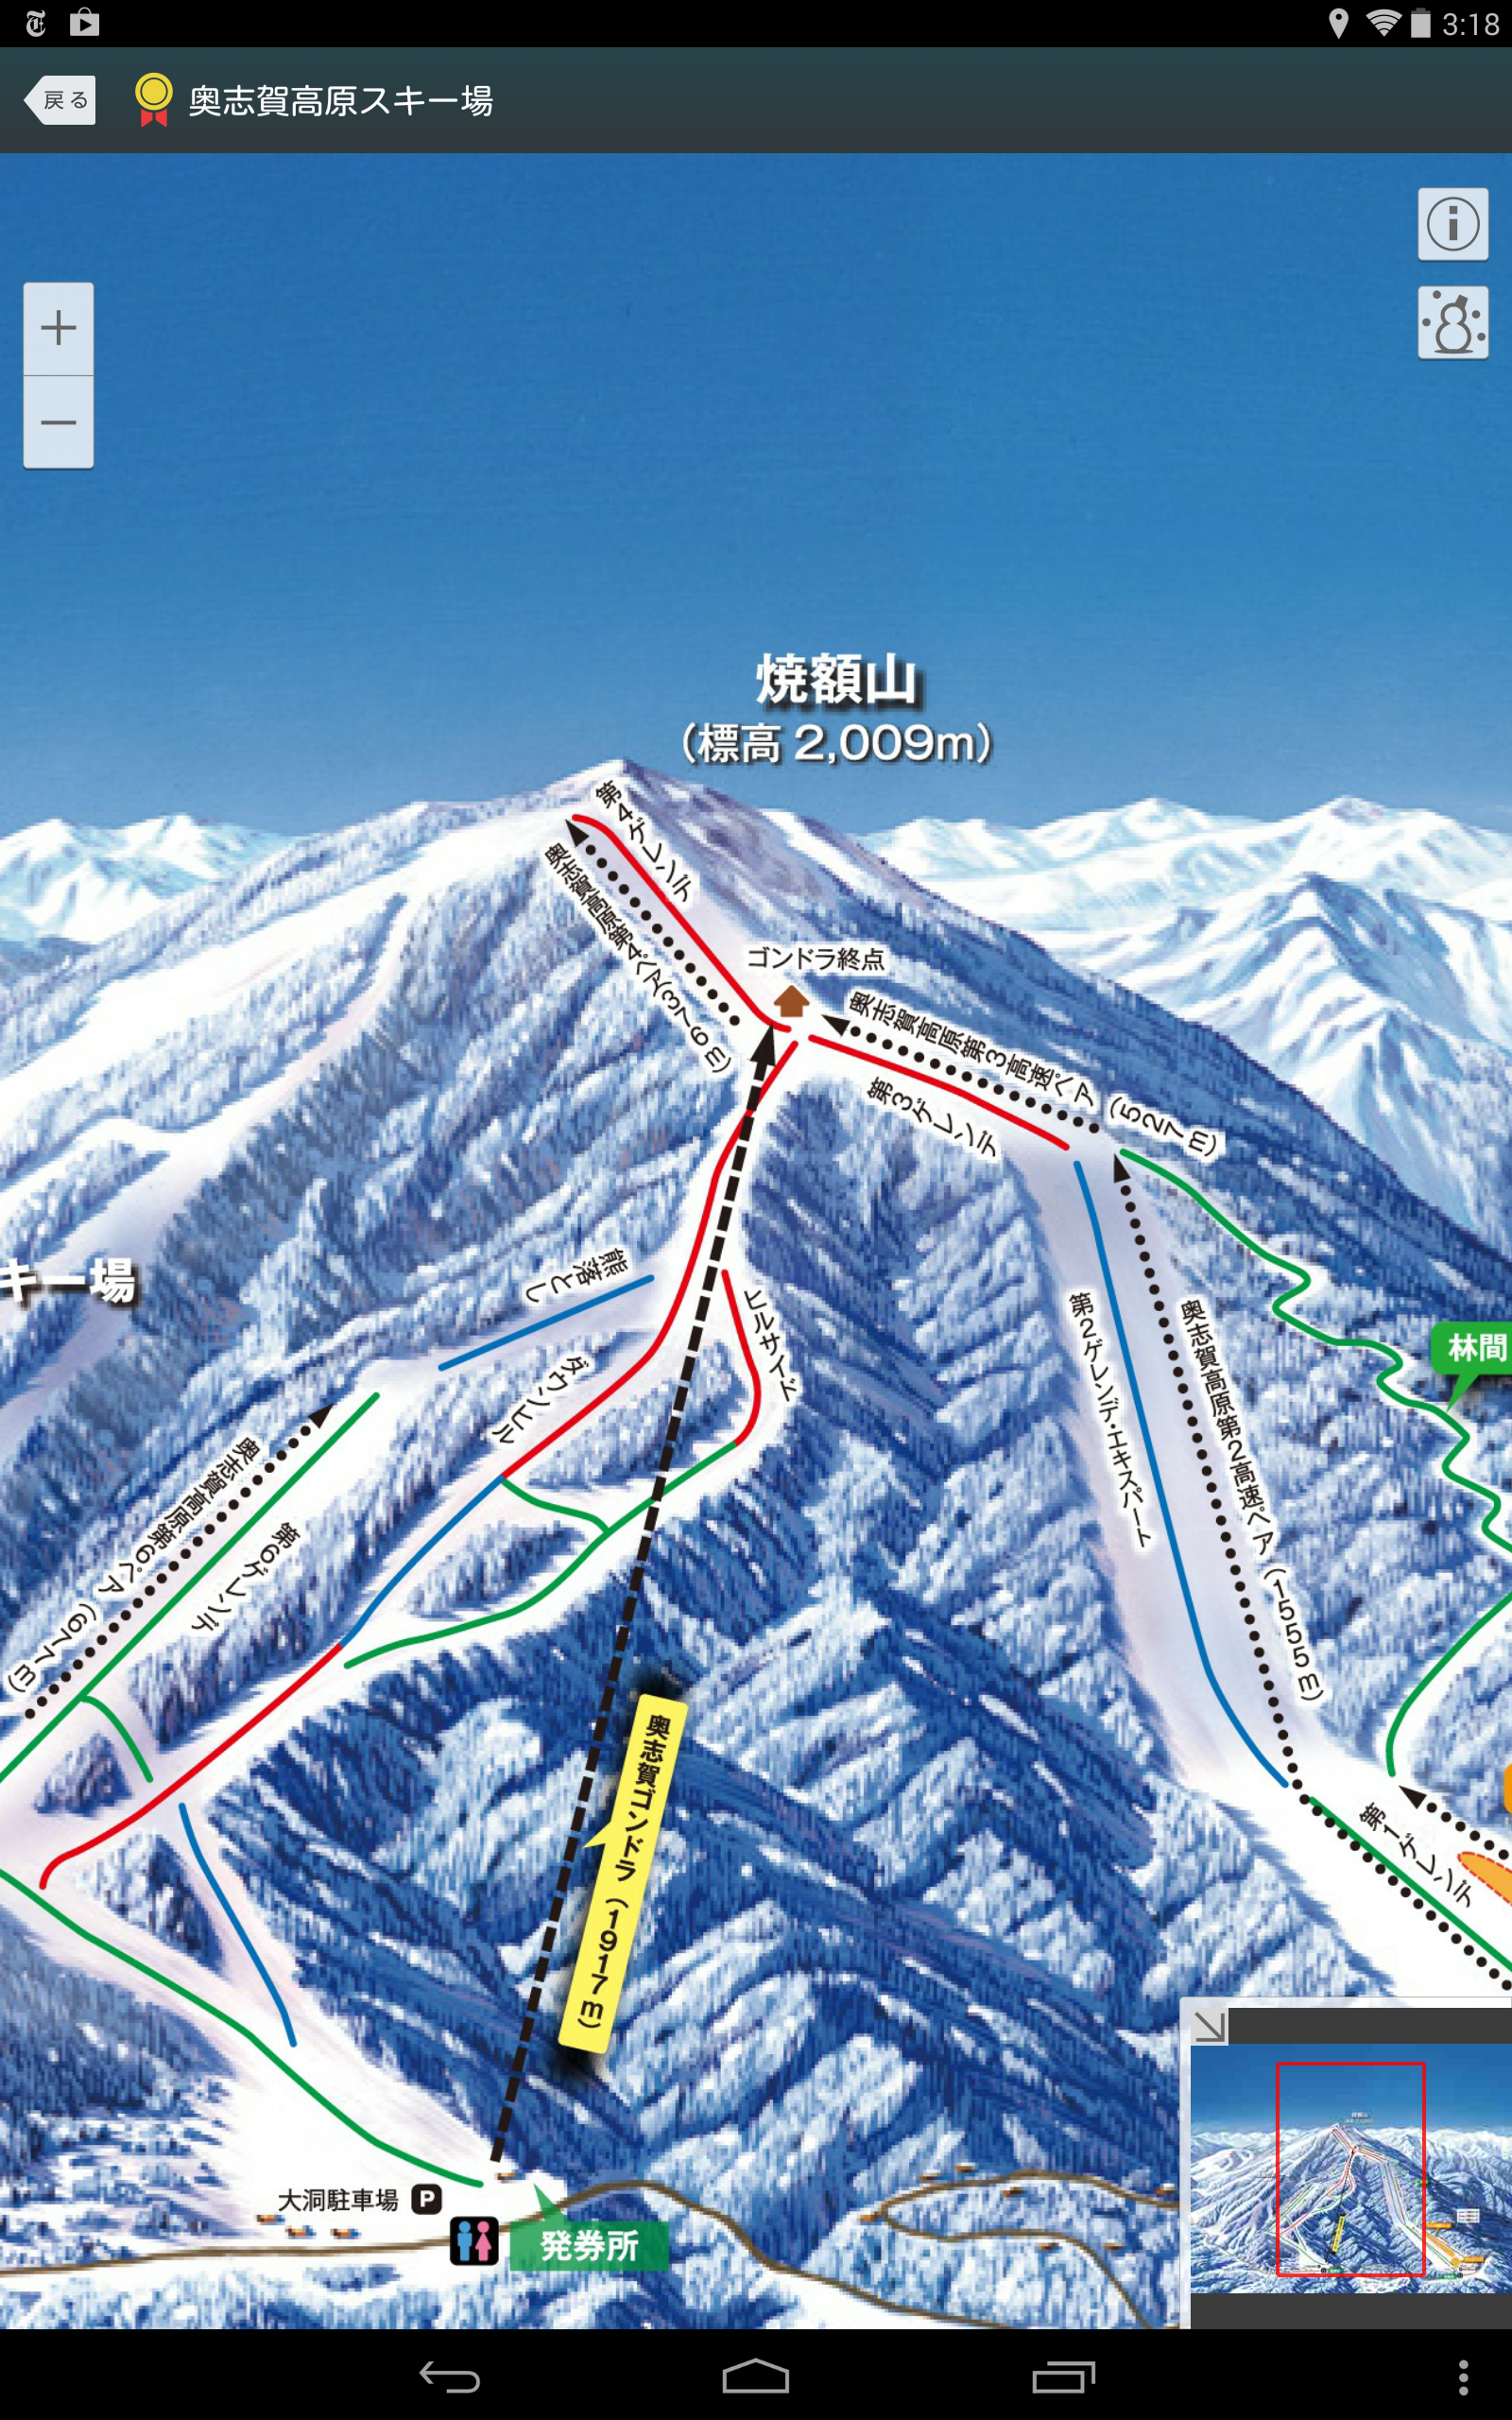 スキー場ゲレンデマップ